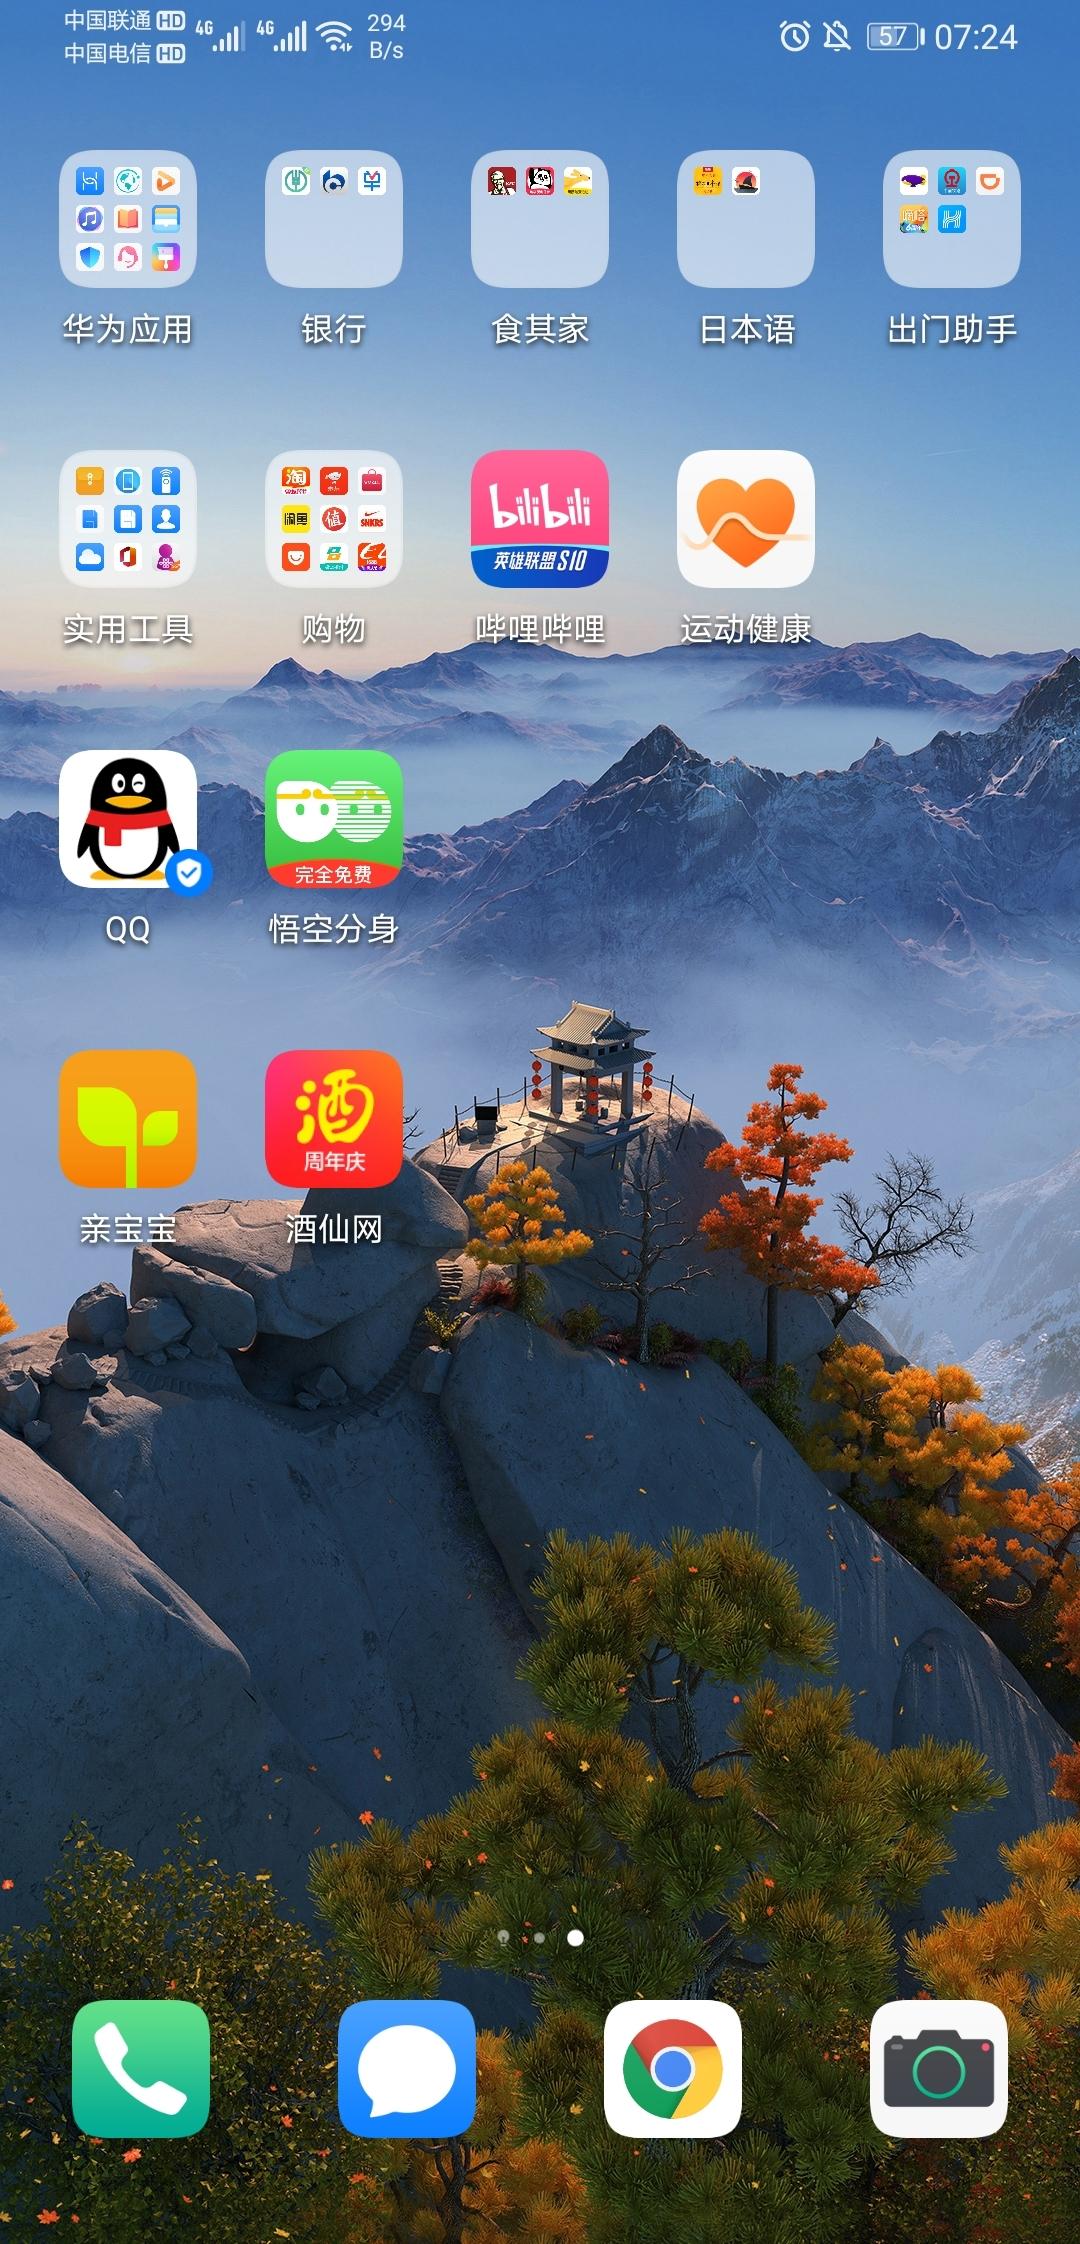 Screenshot_20200917_072432_com.huawei.android.launcher.jpg